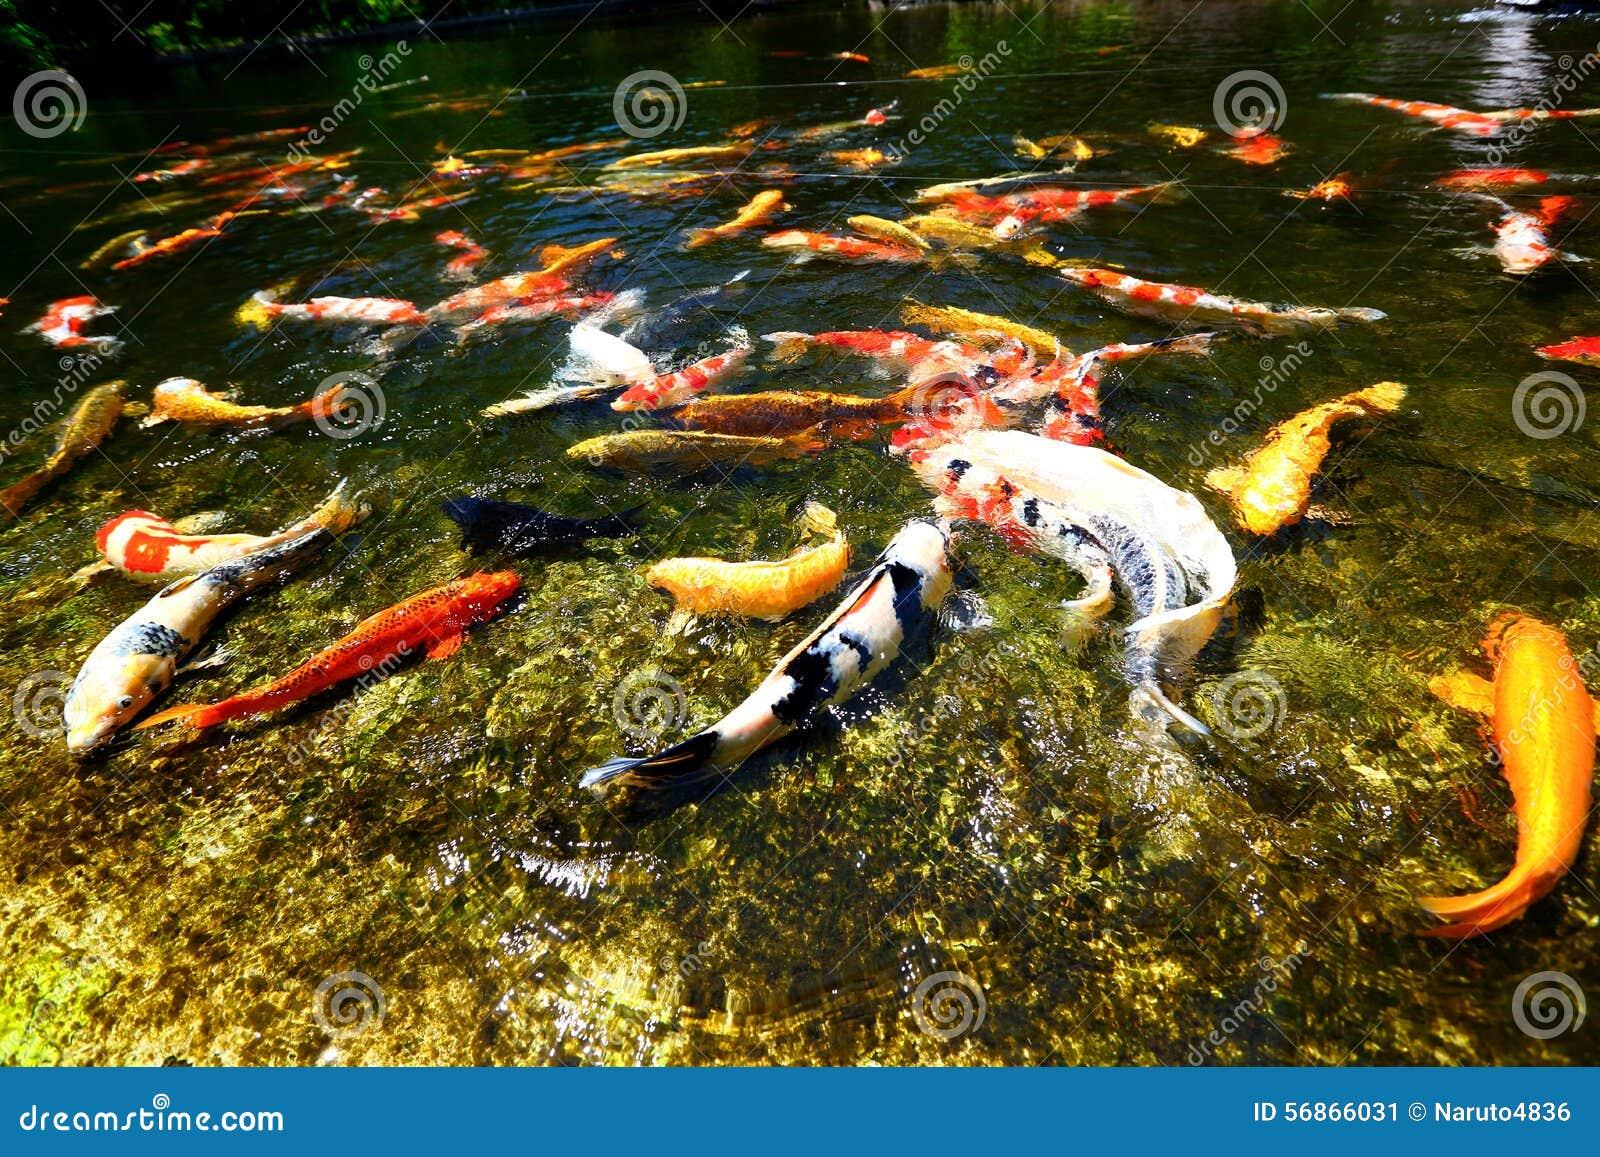 stagno di pesce di koi fotografia stock immagine 56866031